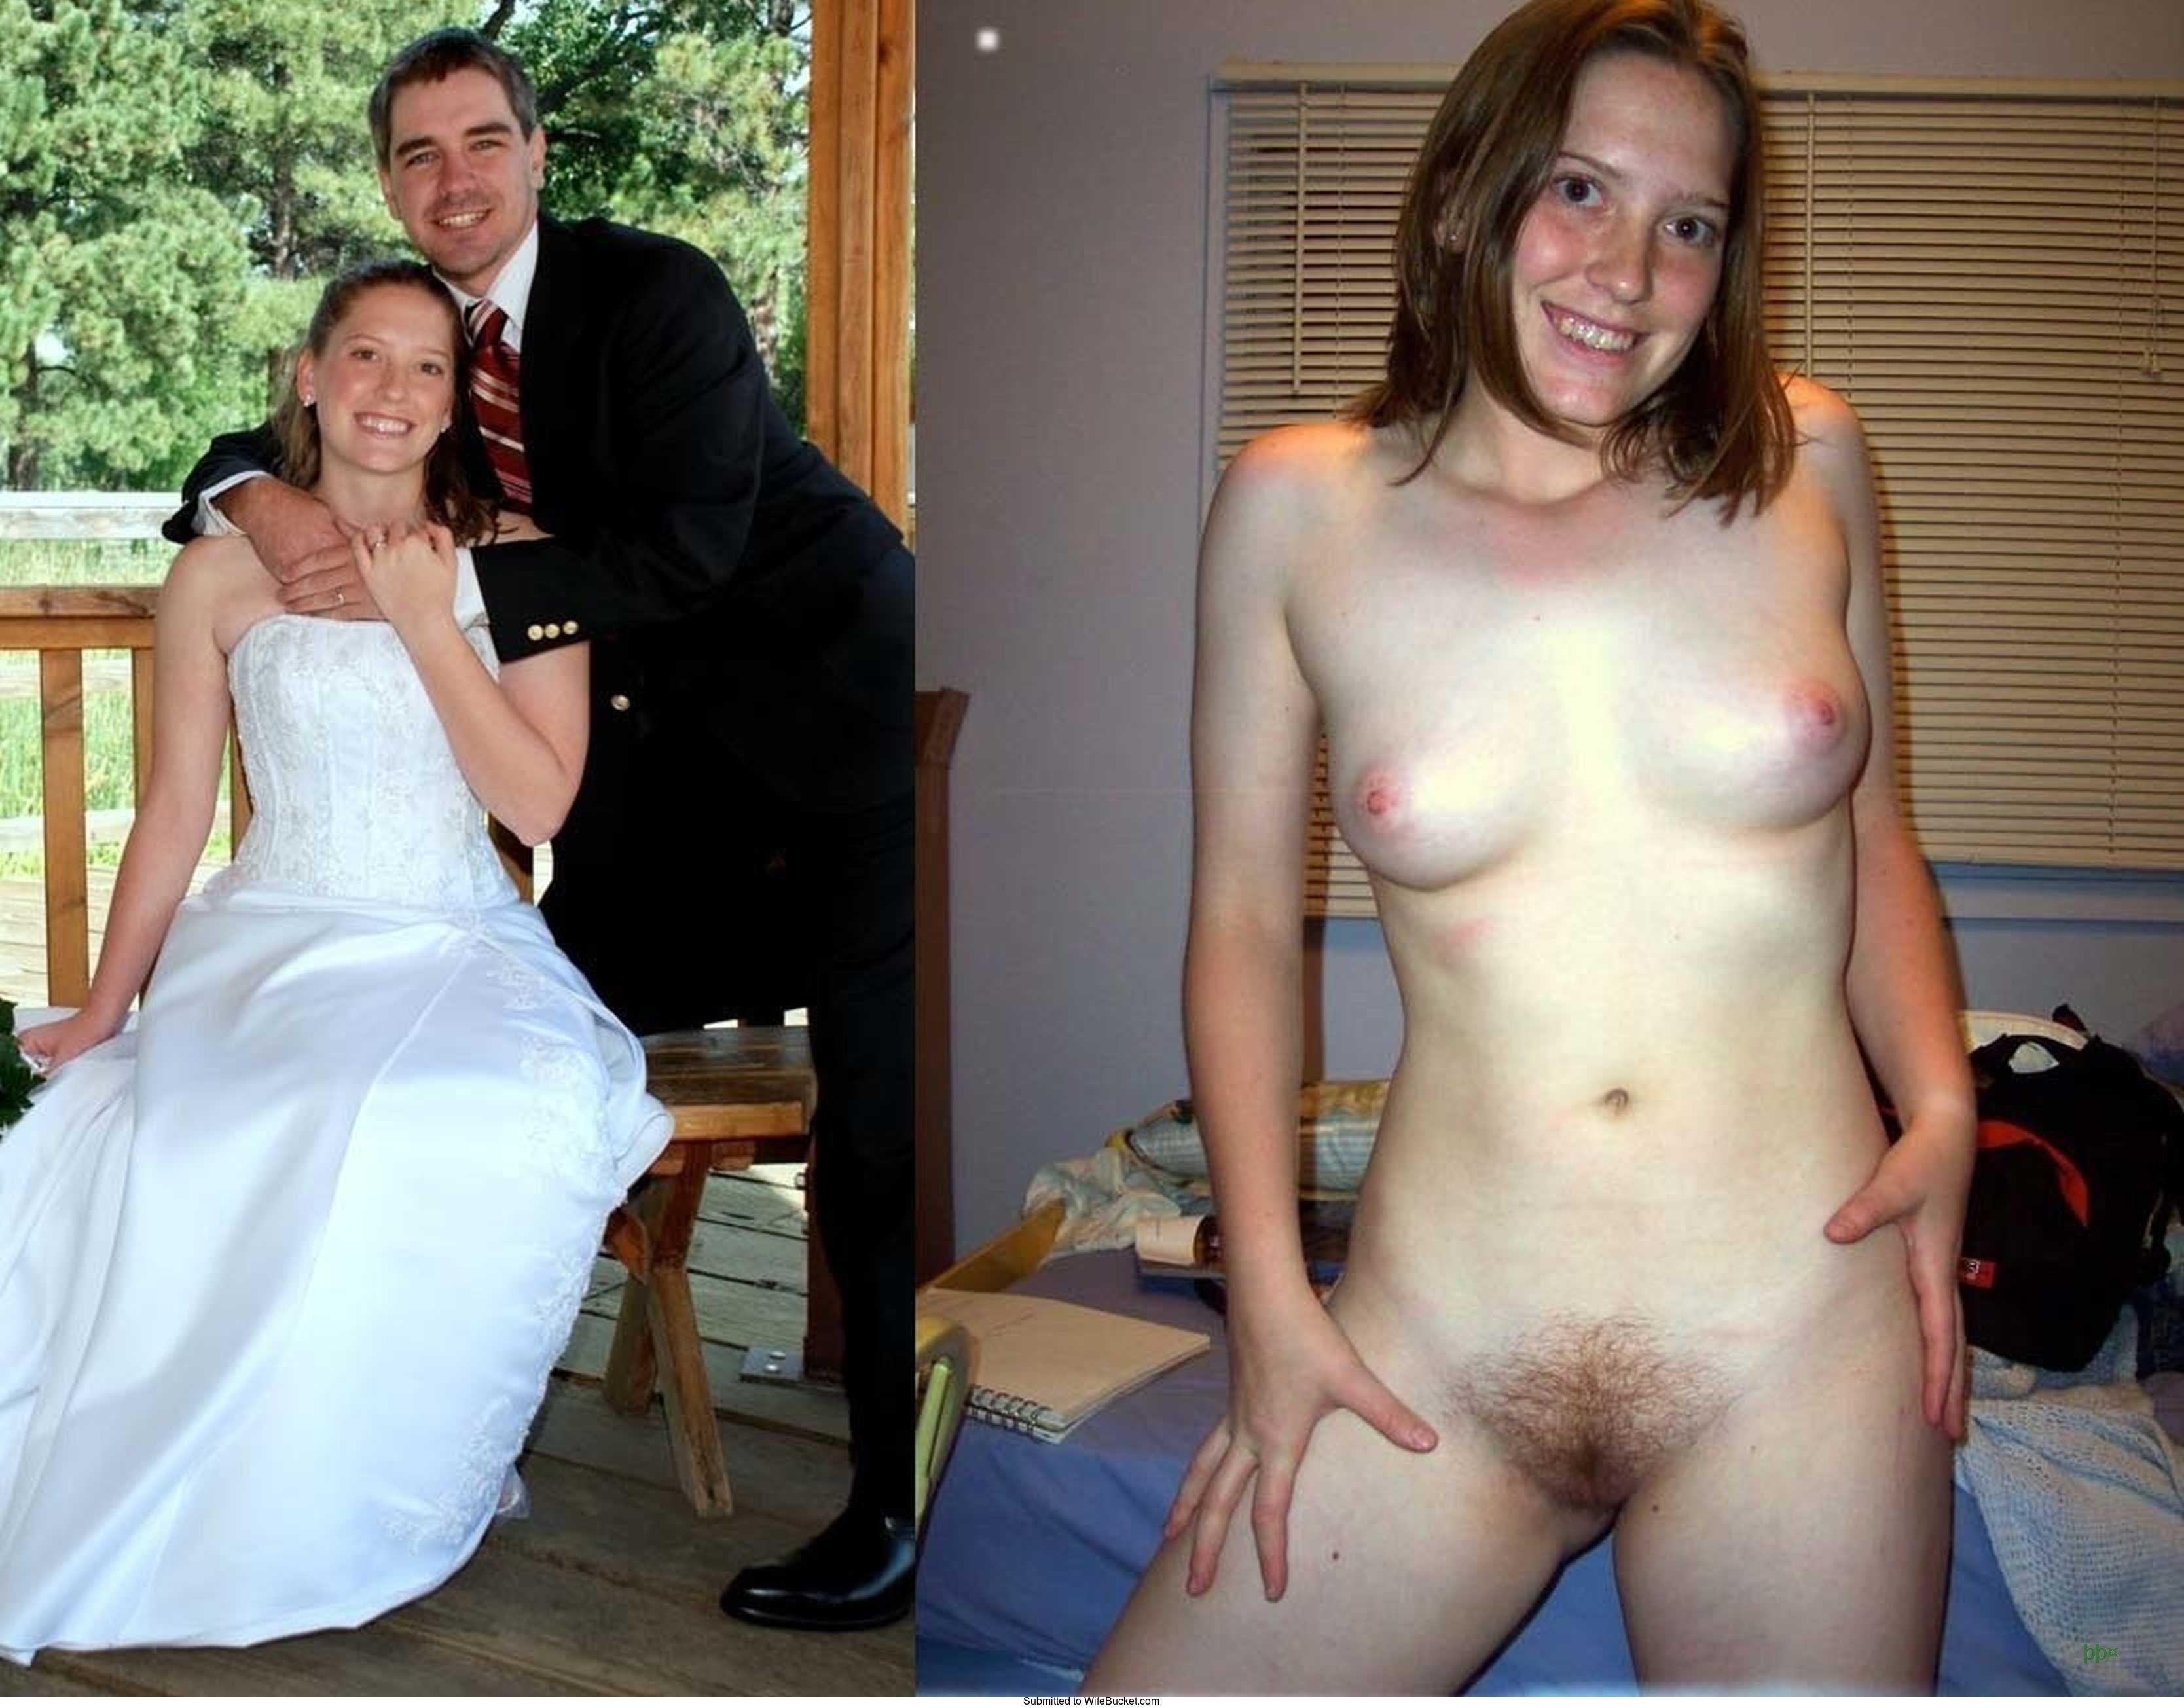 голая пара после свадьбы - 4